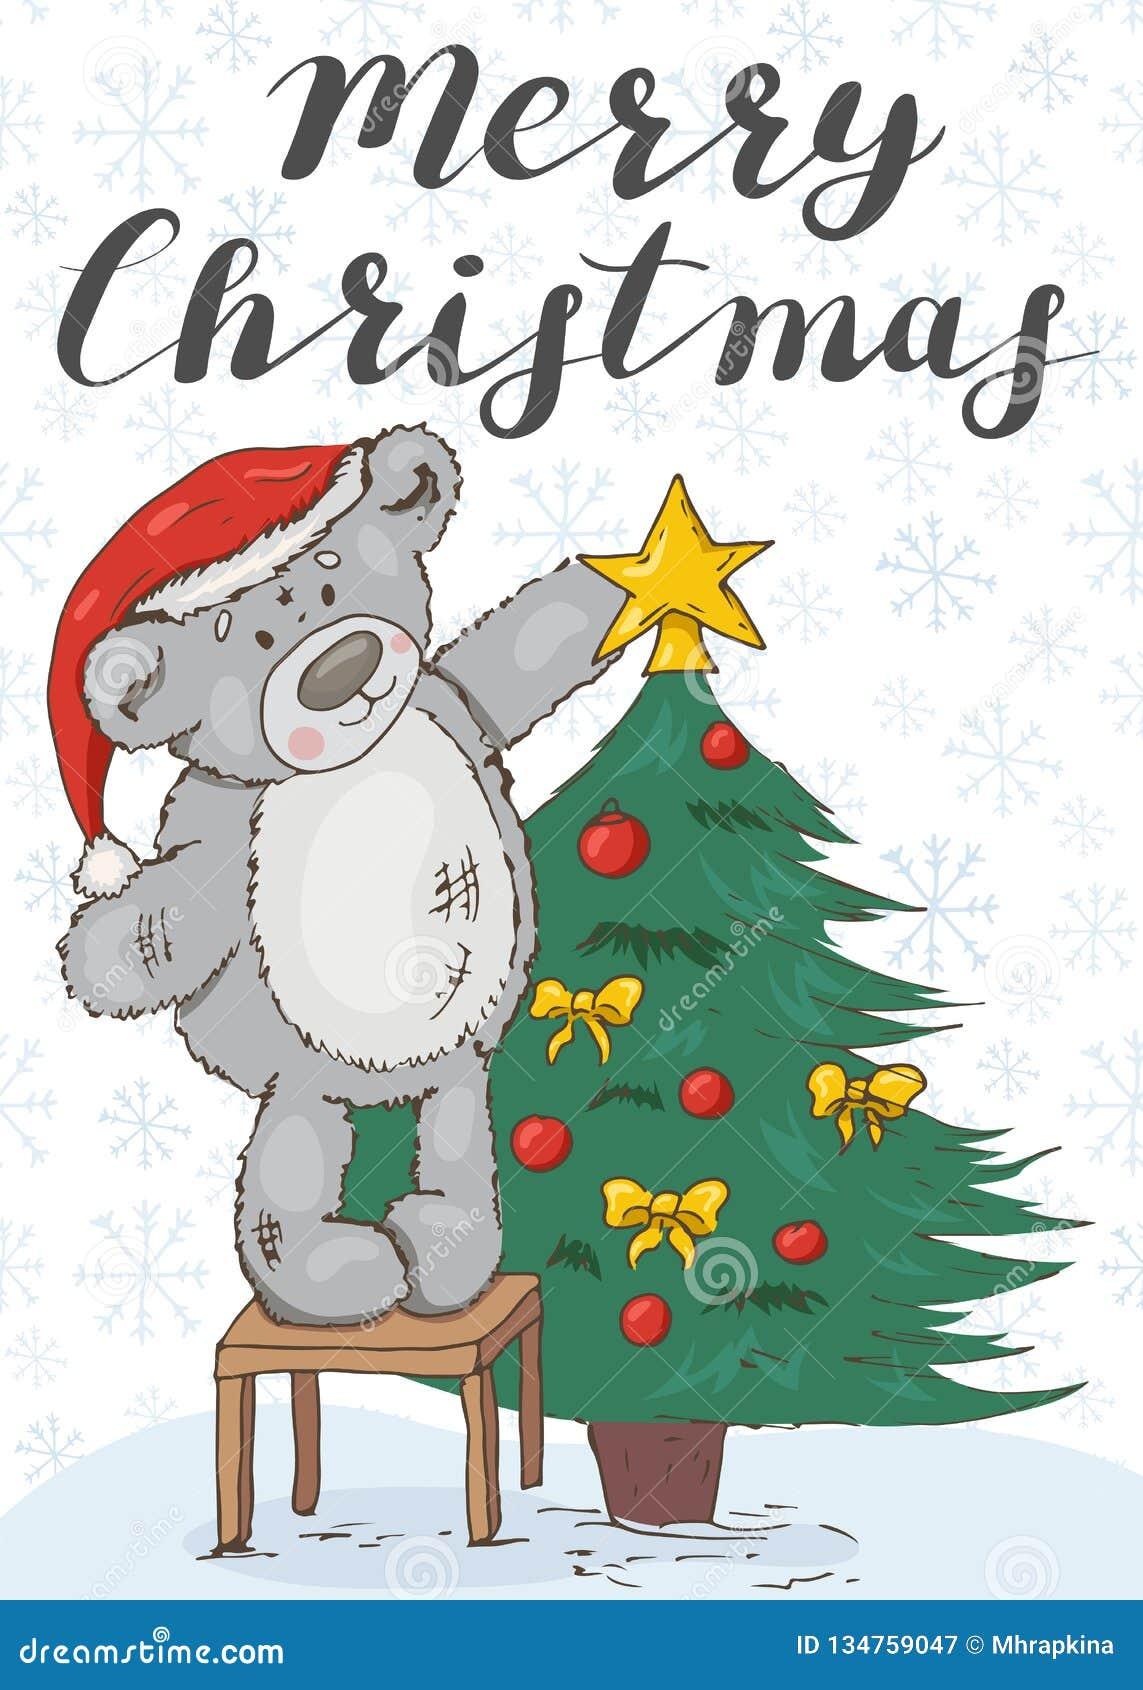 Frohe Weihnachten Festliche Karte mit einem Teddybären